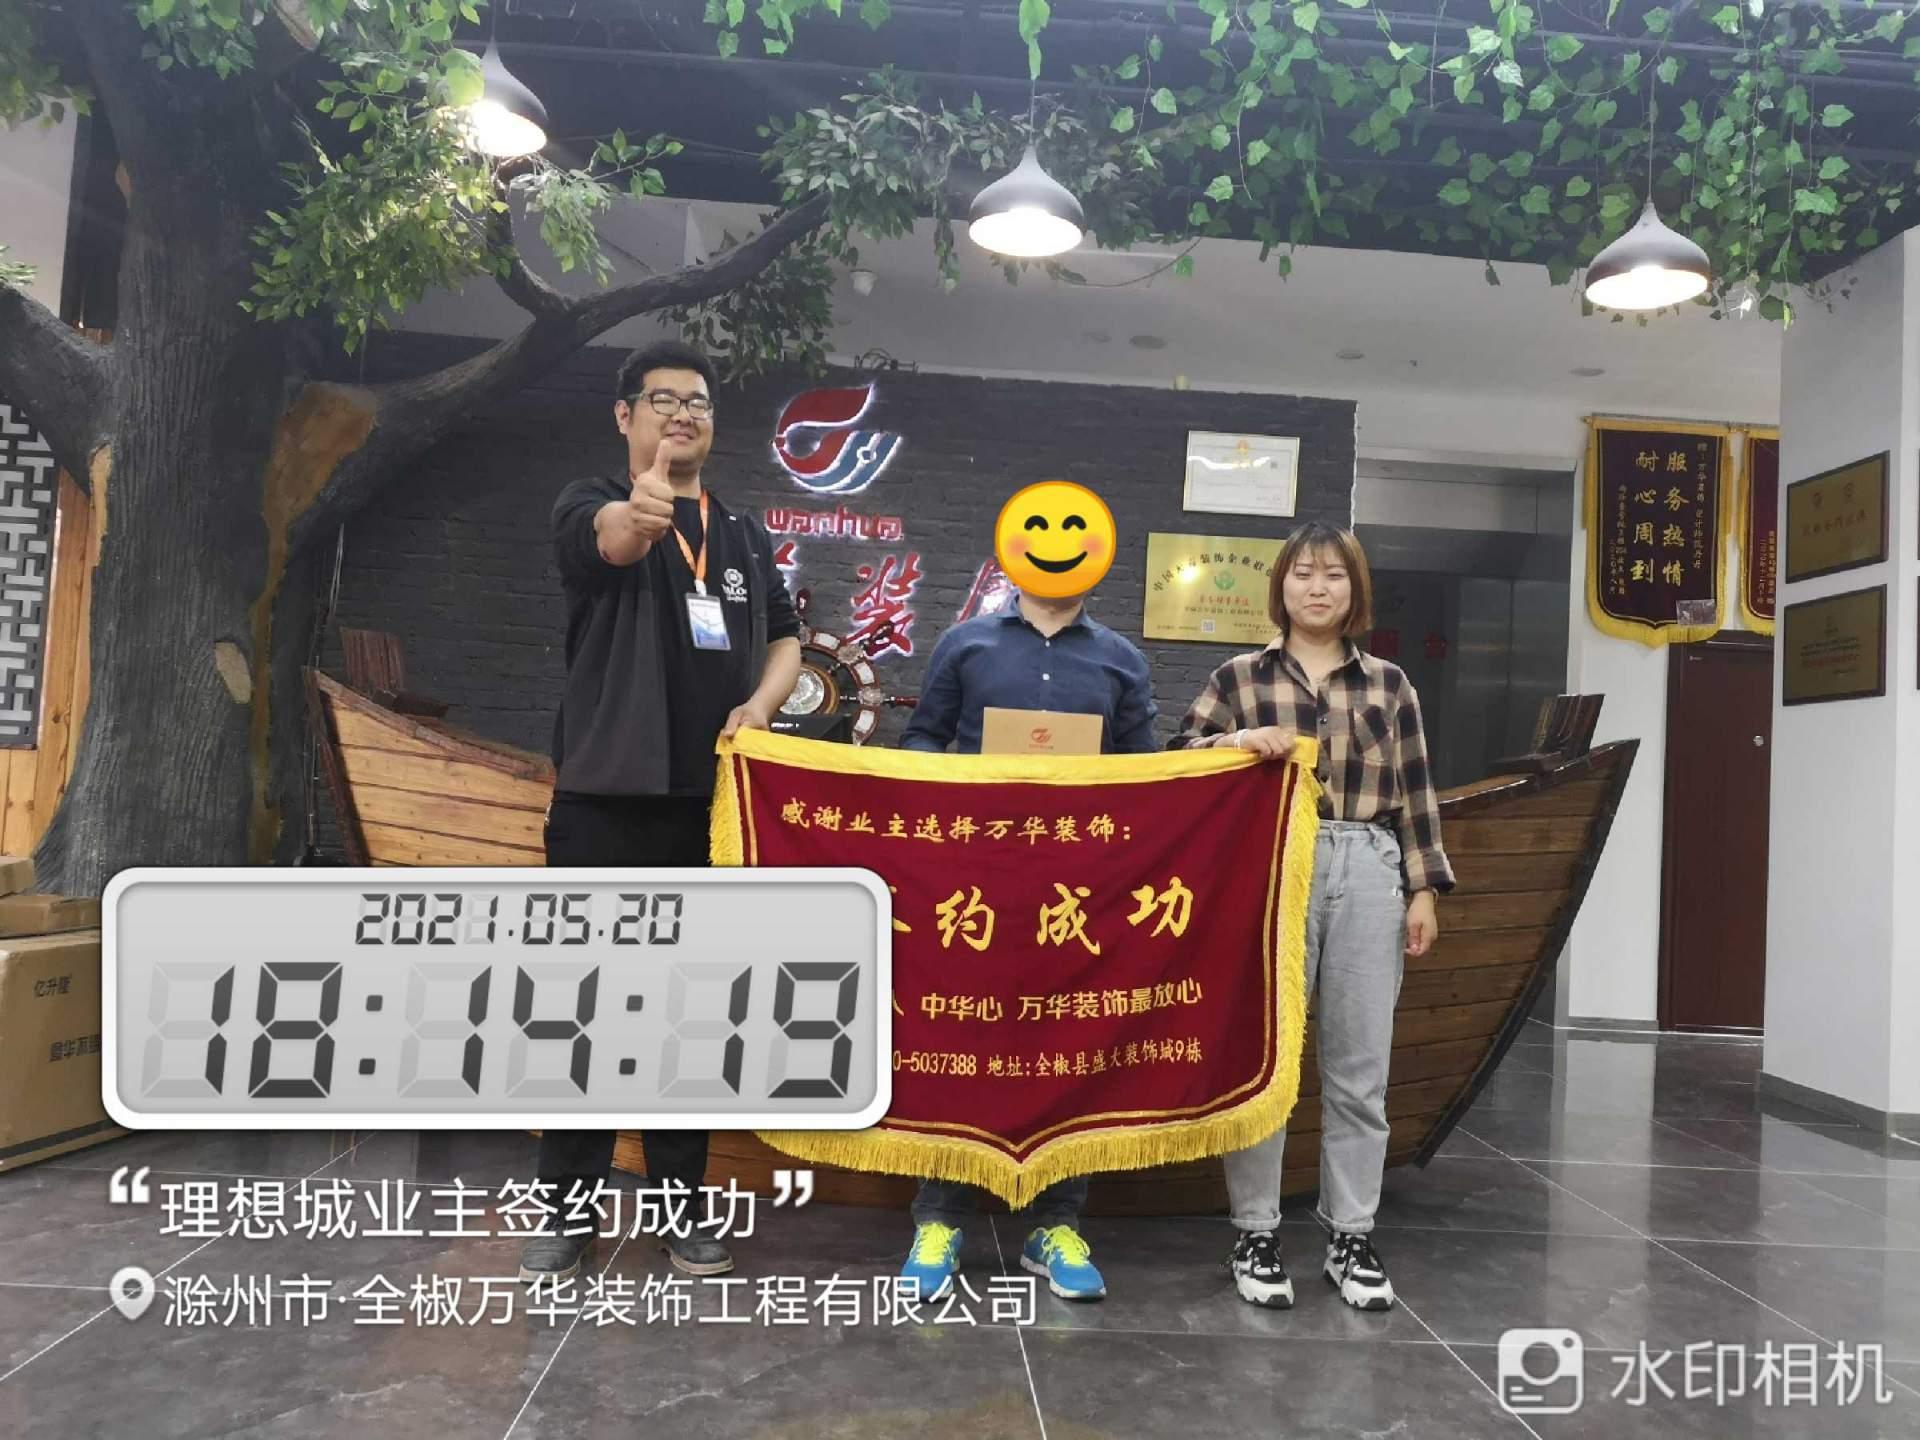 2021年5月20日理想城裝修業主簽約萬華